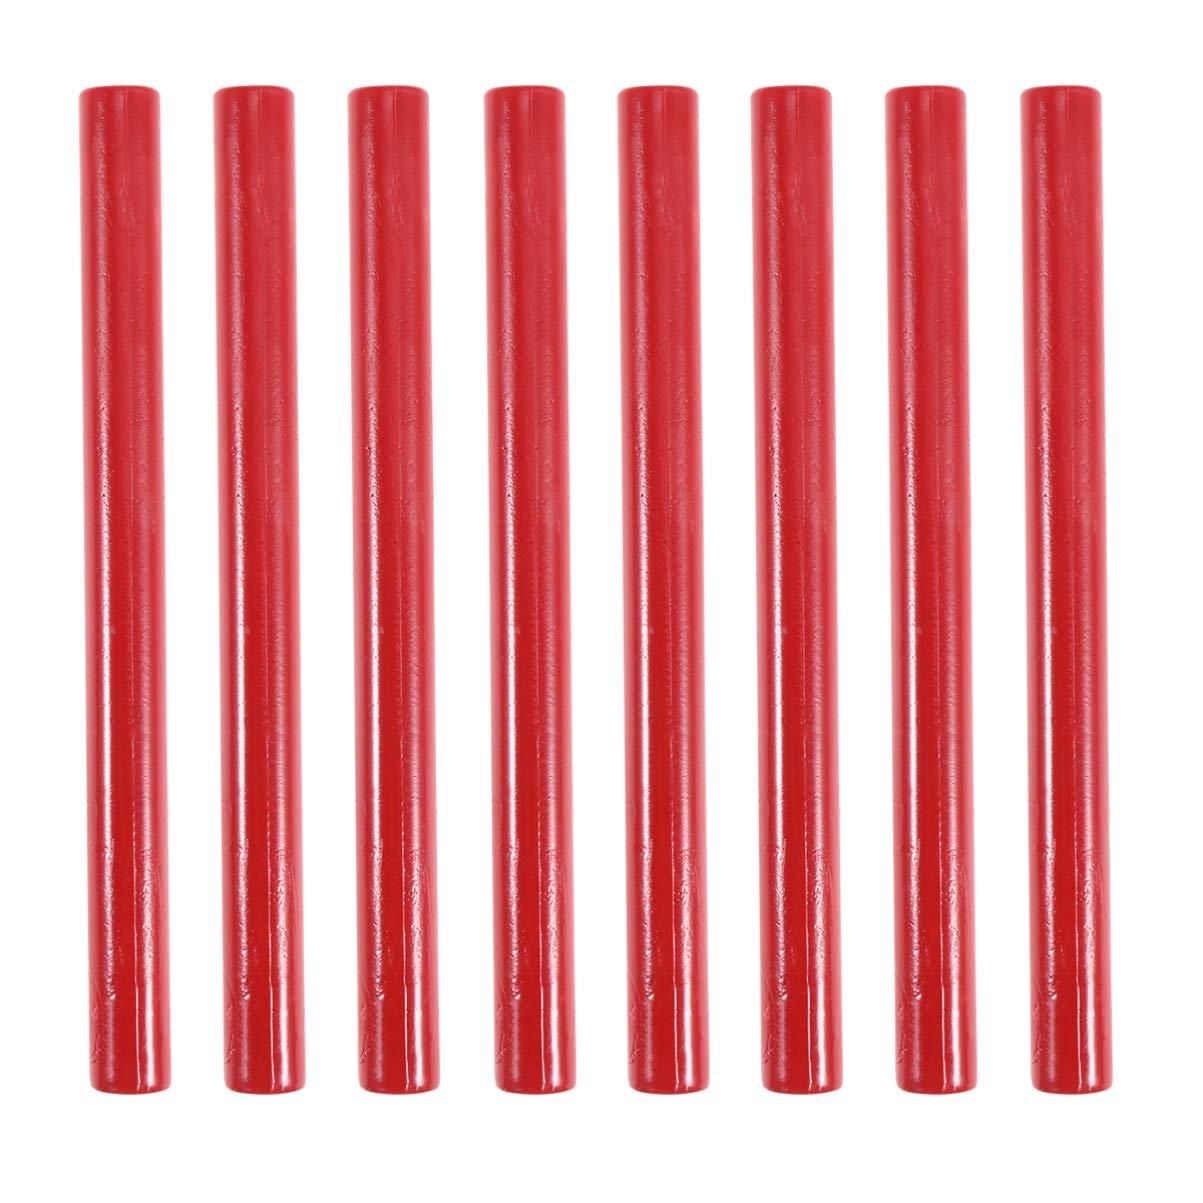 Bianco SUPVOX 8Pcs Bastoncini per Ceralacca Colla per Pistola Sigilli Ceralacca per Timbro Sigillo in Cera Sigillo in Cera per Lettere E Artigianato